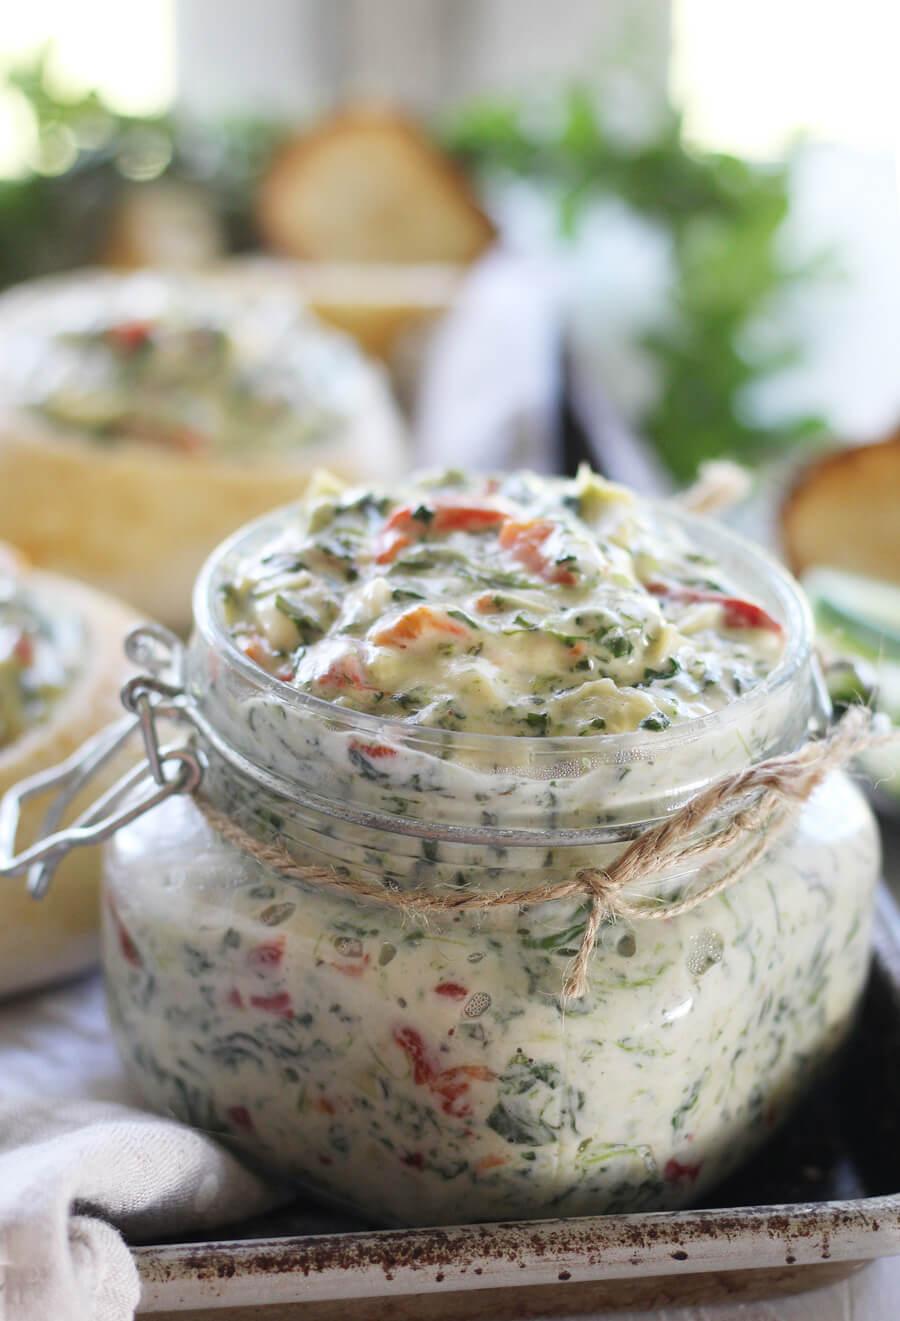 Three Cheese Spinach Artichoke Dip + Homemade Bread Bowls